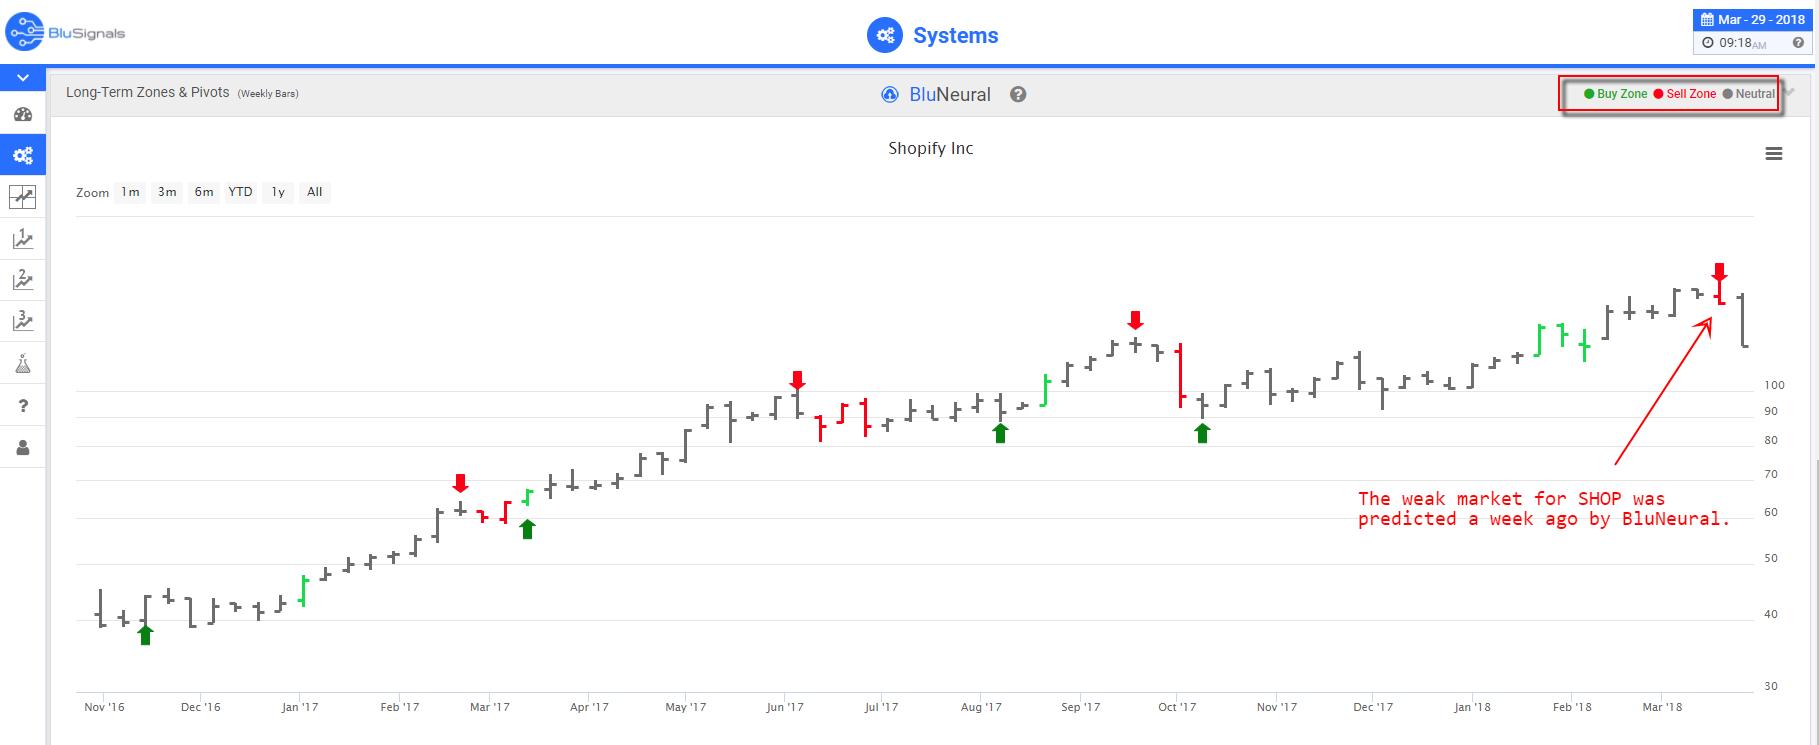 SHOP leading indicators